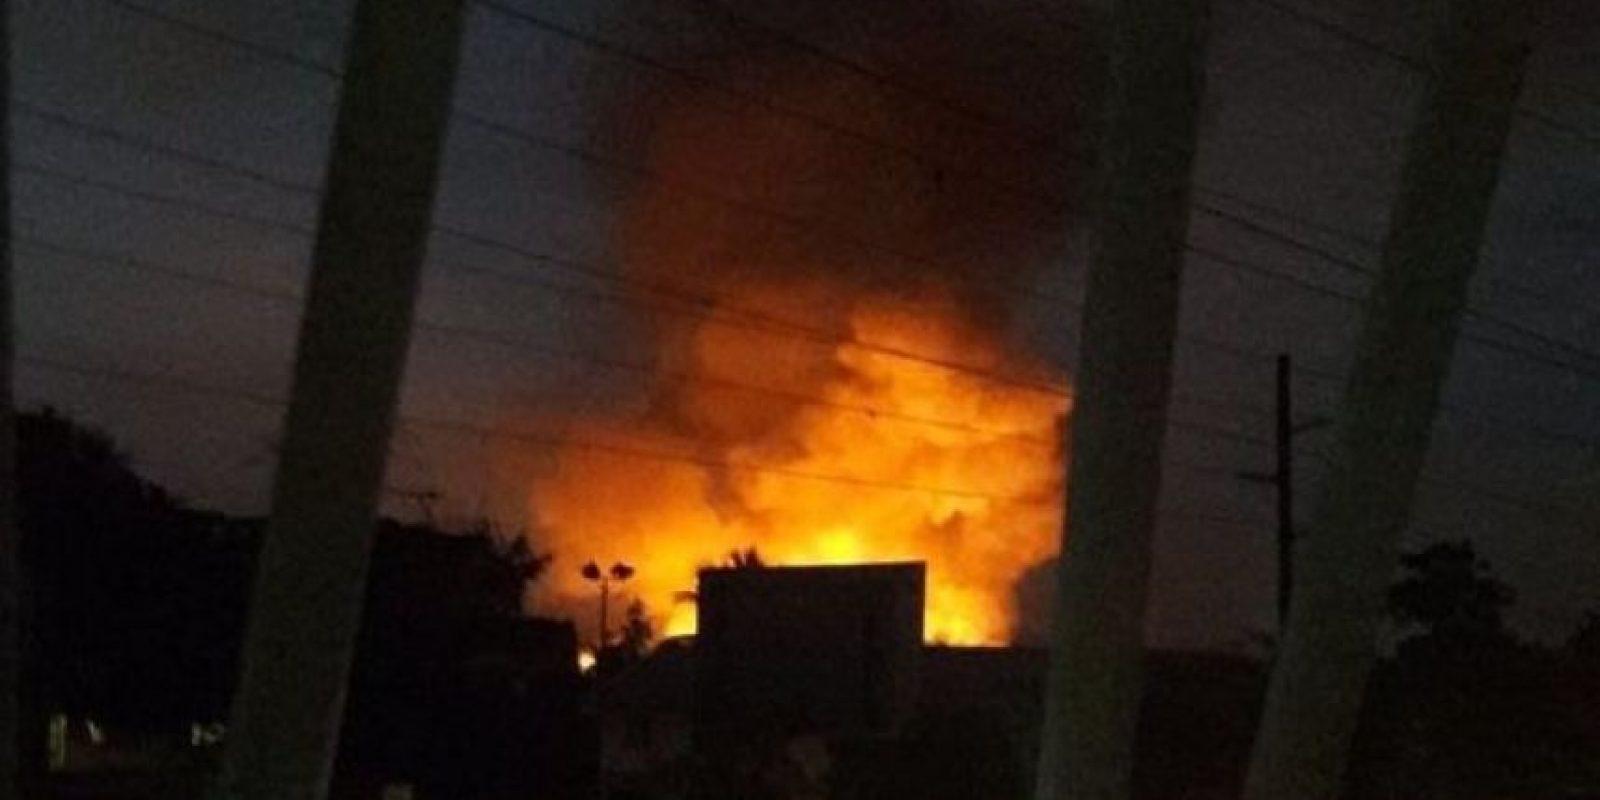 En datos preliminares se habló de 40 familias afectadas por la supuesta fuga de gas. Foto:Fuente externa